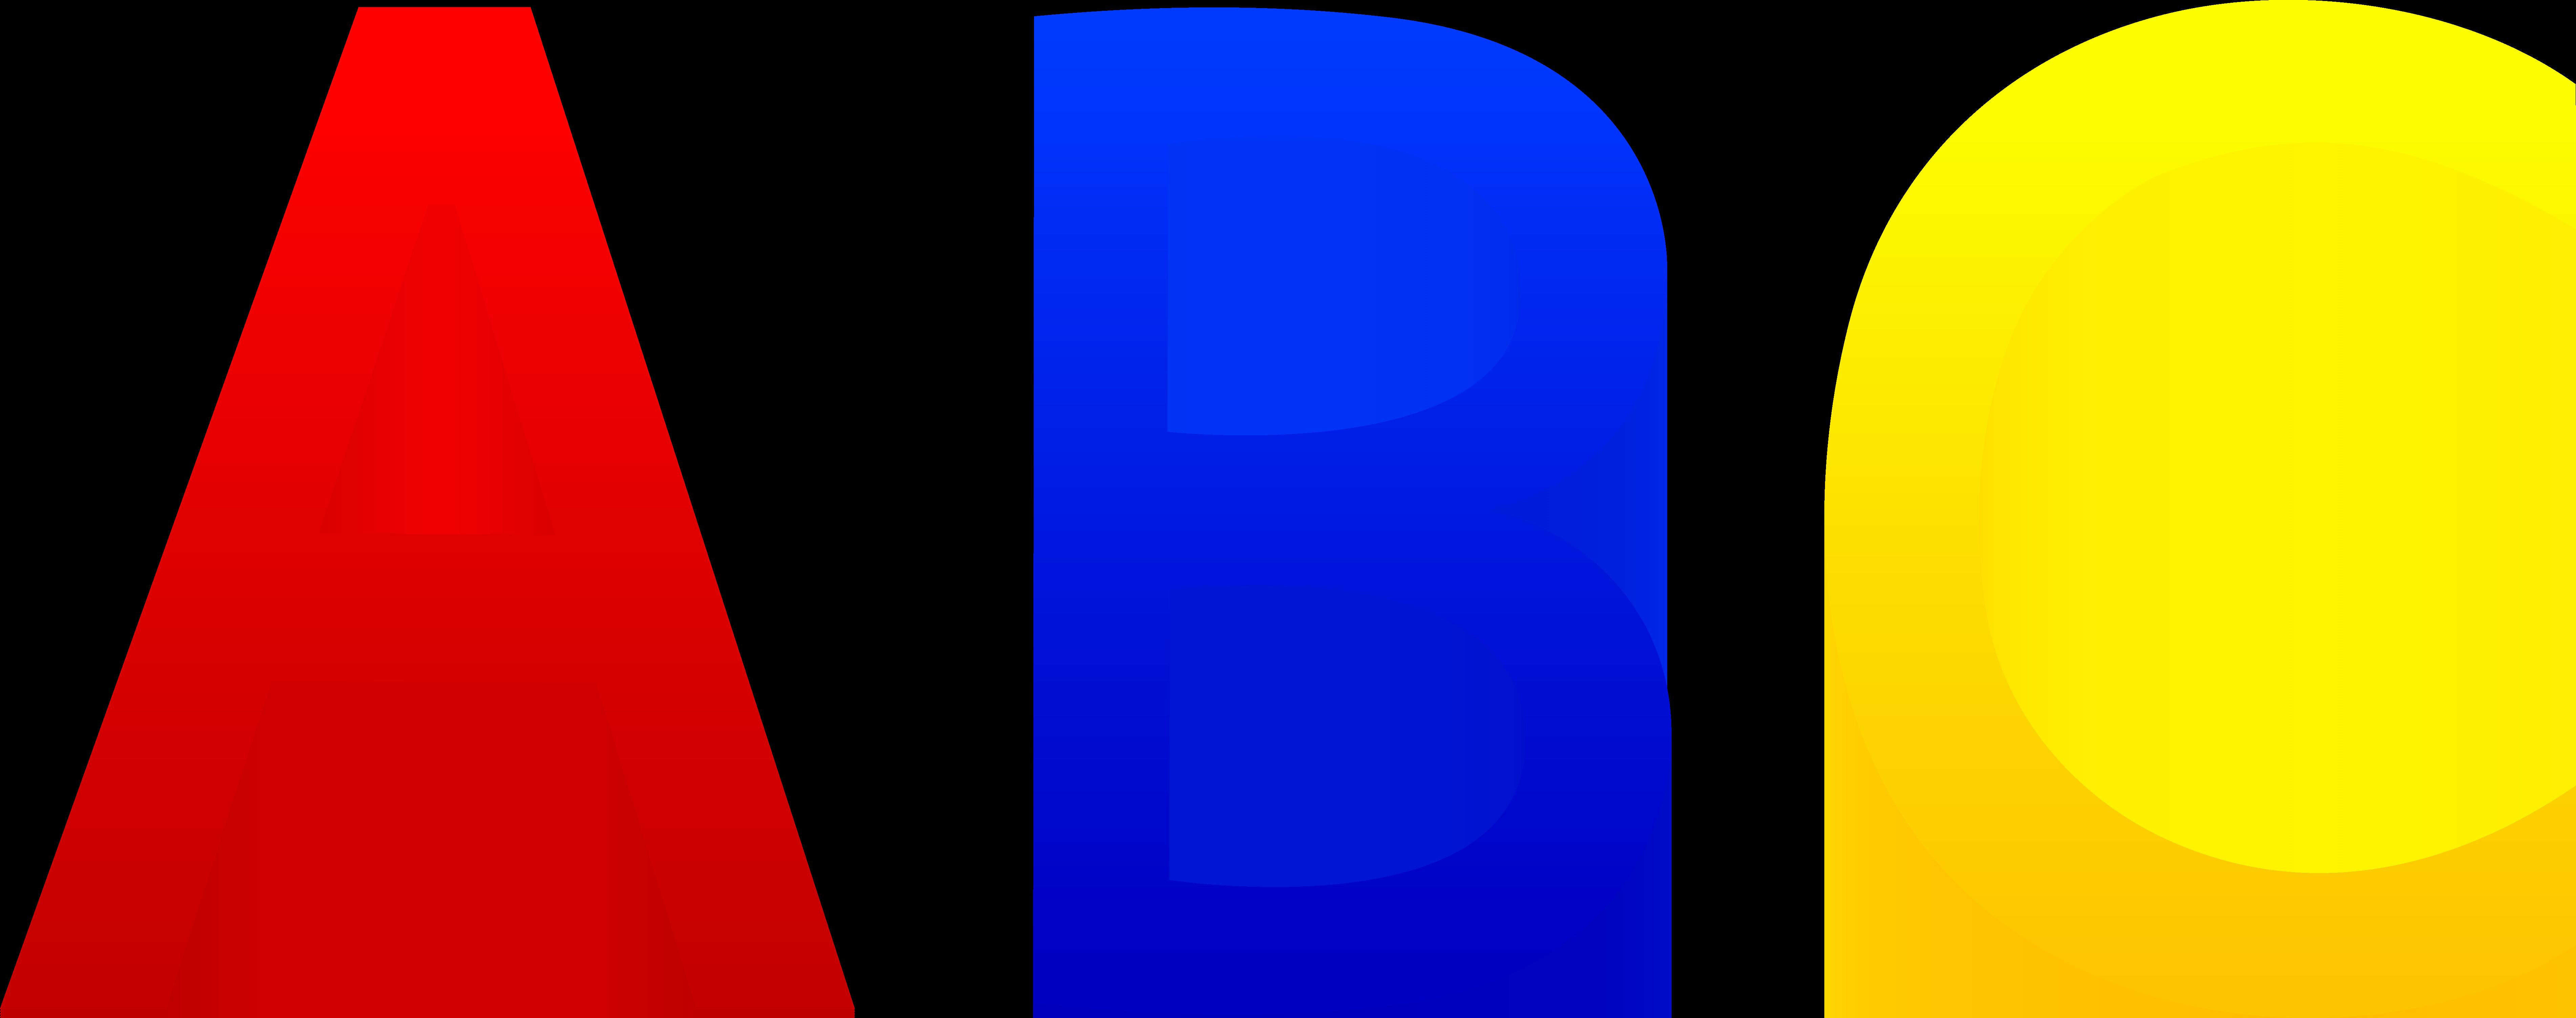 Free Printable Clip Art Letters Elegant Abc Alphabet Letters Free Clip Art